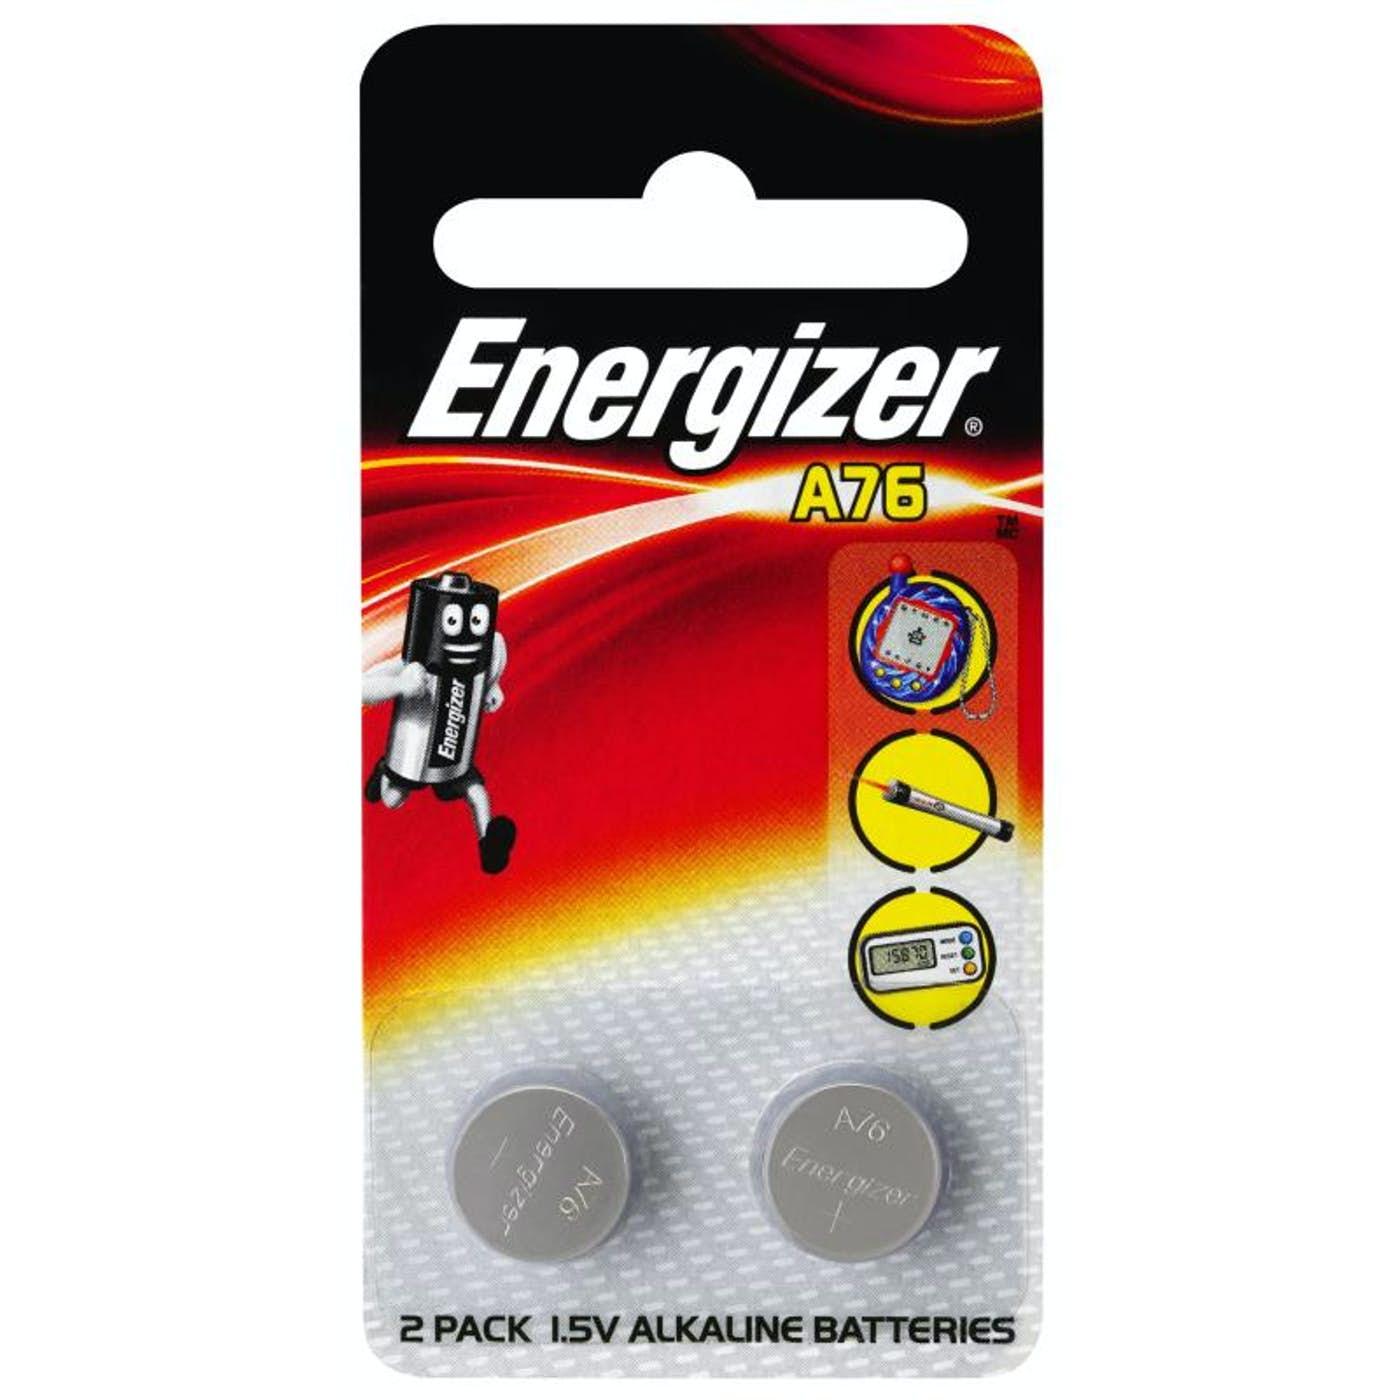 ENERGIZER A76 CALCULATOR BUTTON BATTERY  PKT 2